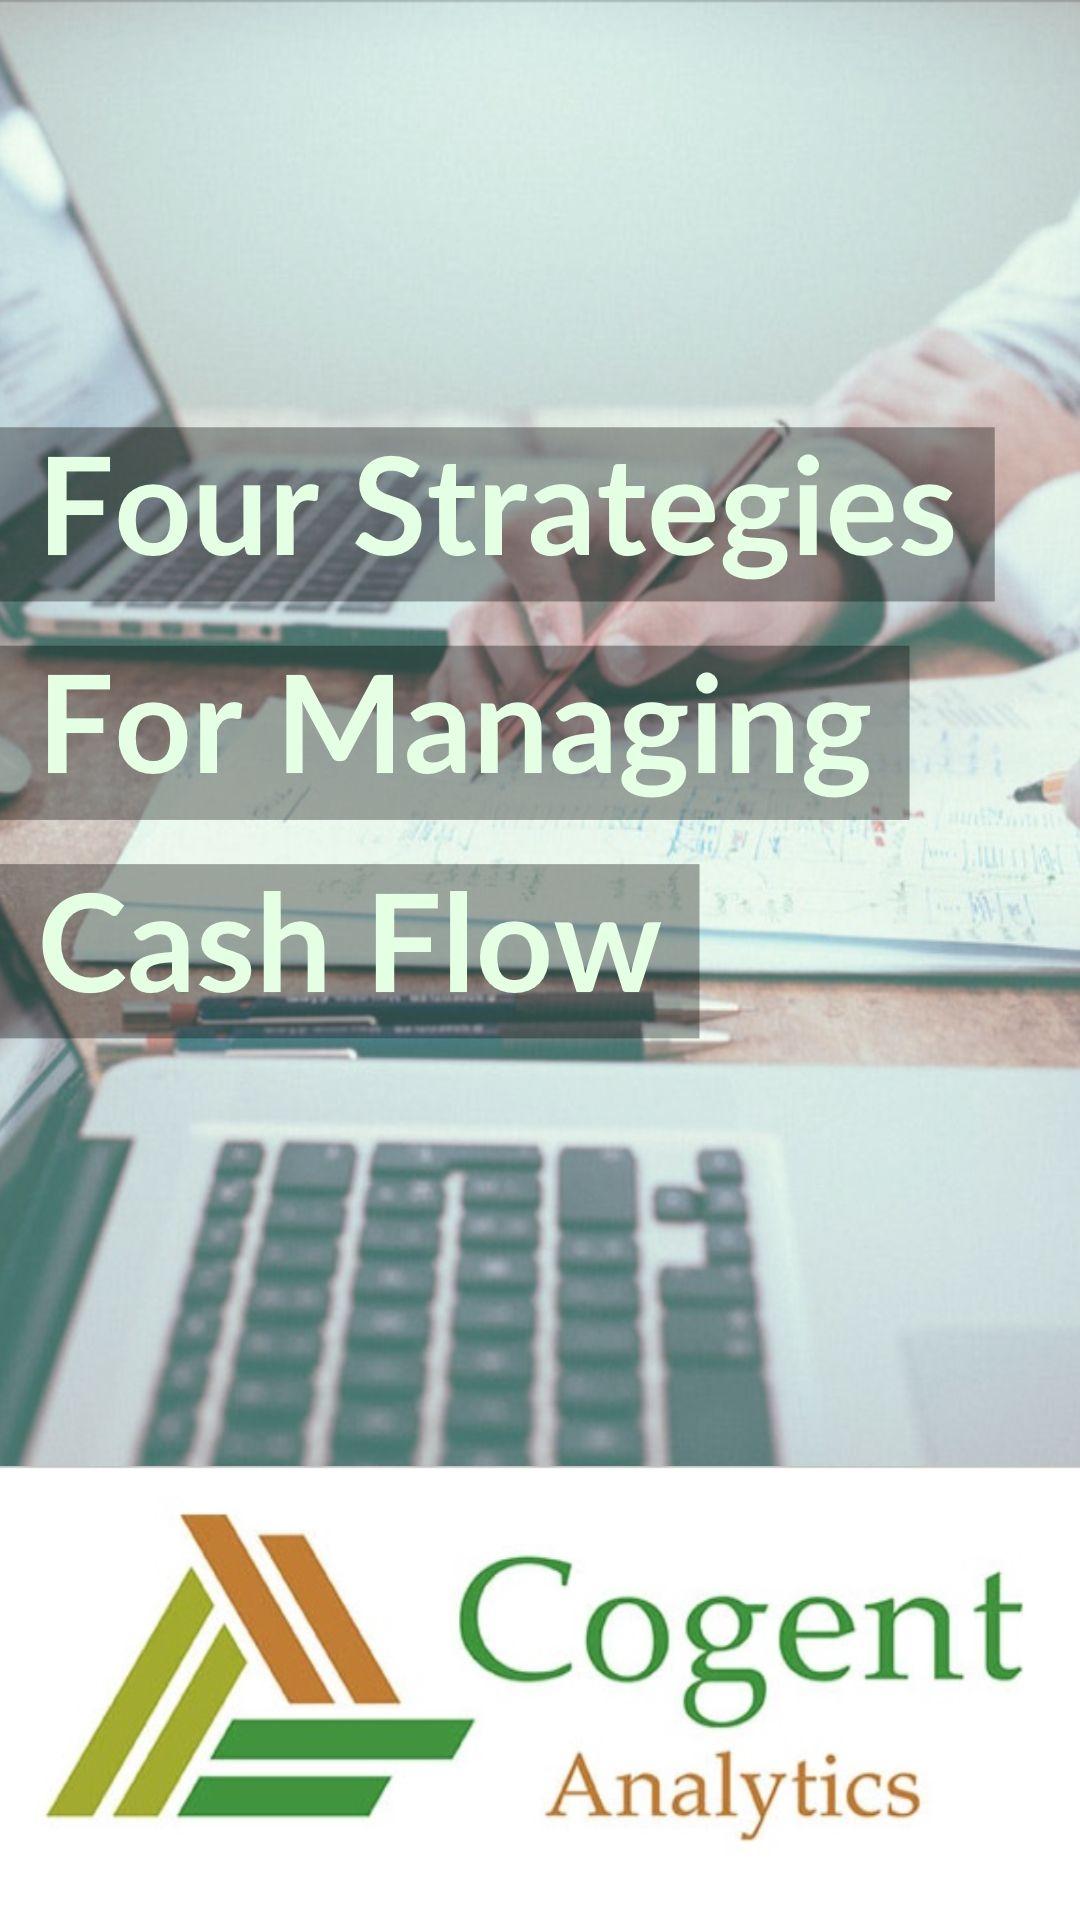 Four Strategies Of Cash Flow Management